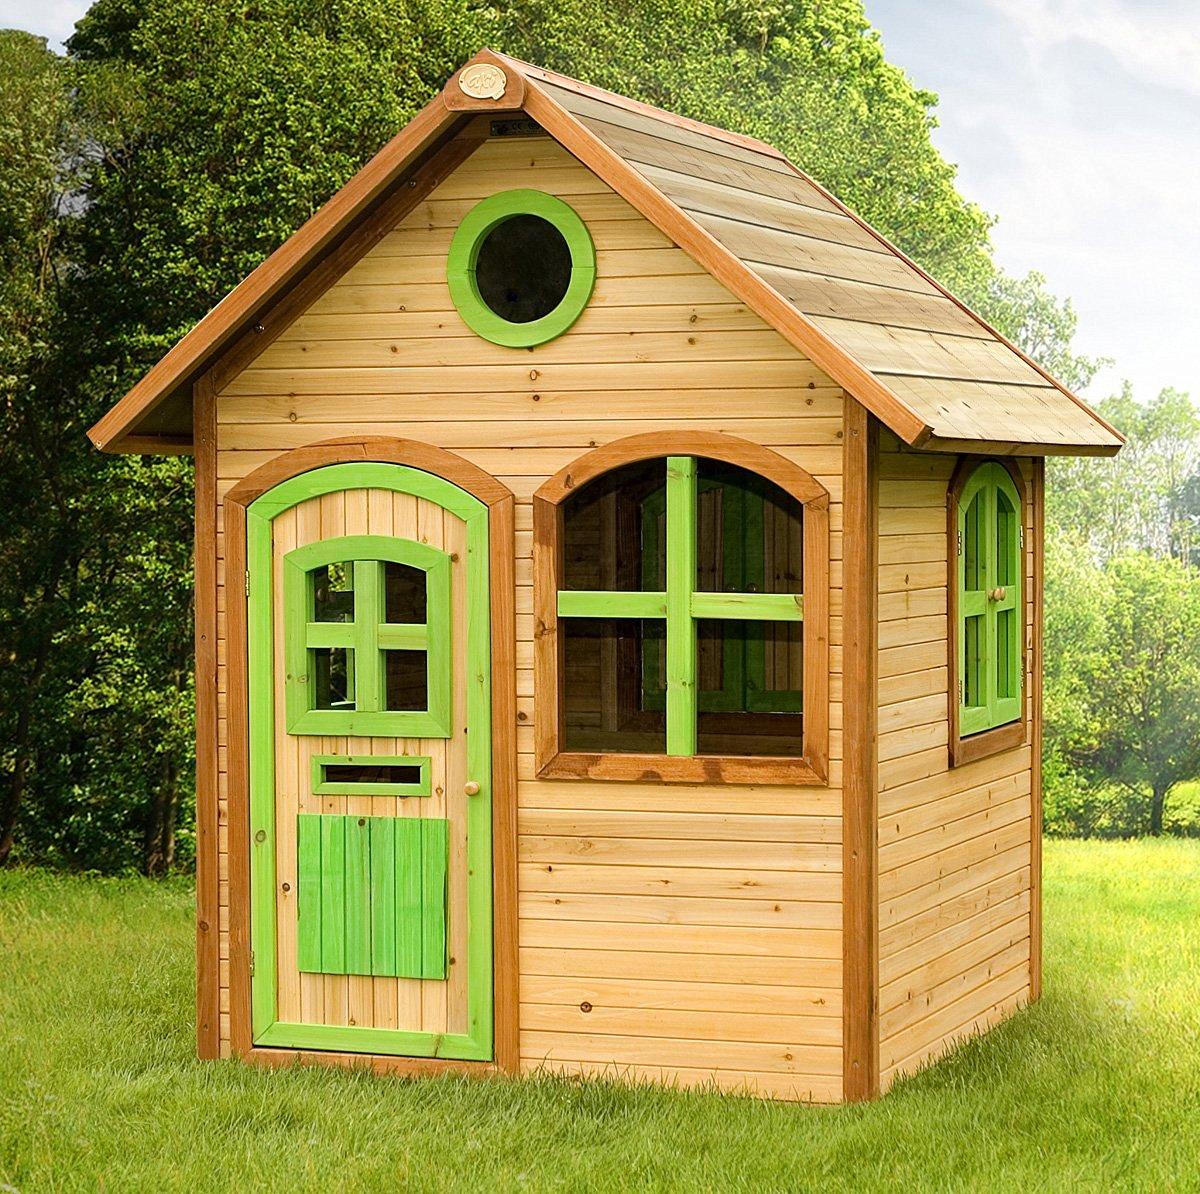 Comment Entretenir Sa Cabane D'enfant ? - Cabane-Enfant intérieur Cabane De Jardin Enfant Bois